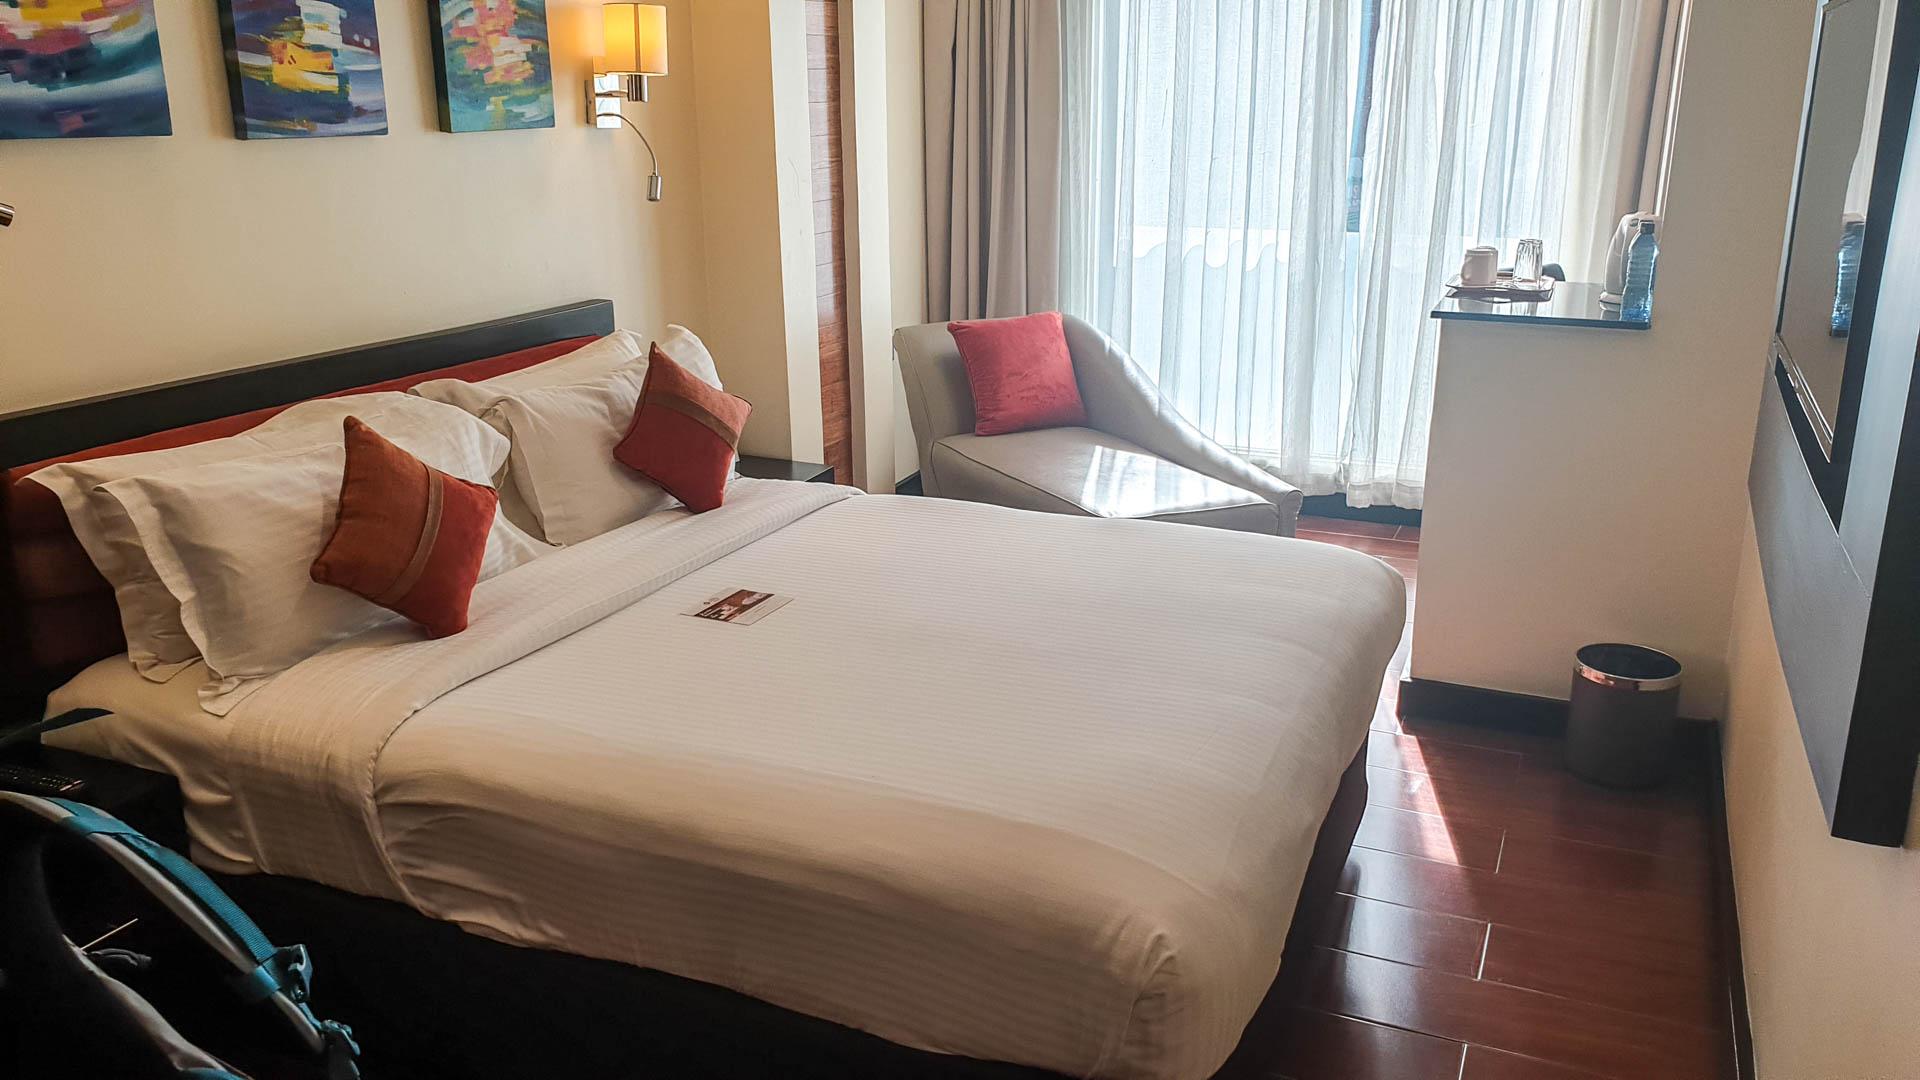 Nuestra habitación en el Hotel Best Western Plus Meridian, Nairobi, Kenia